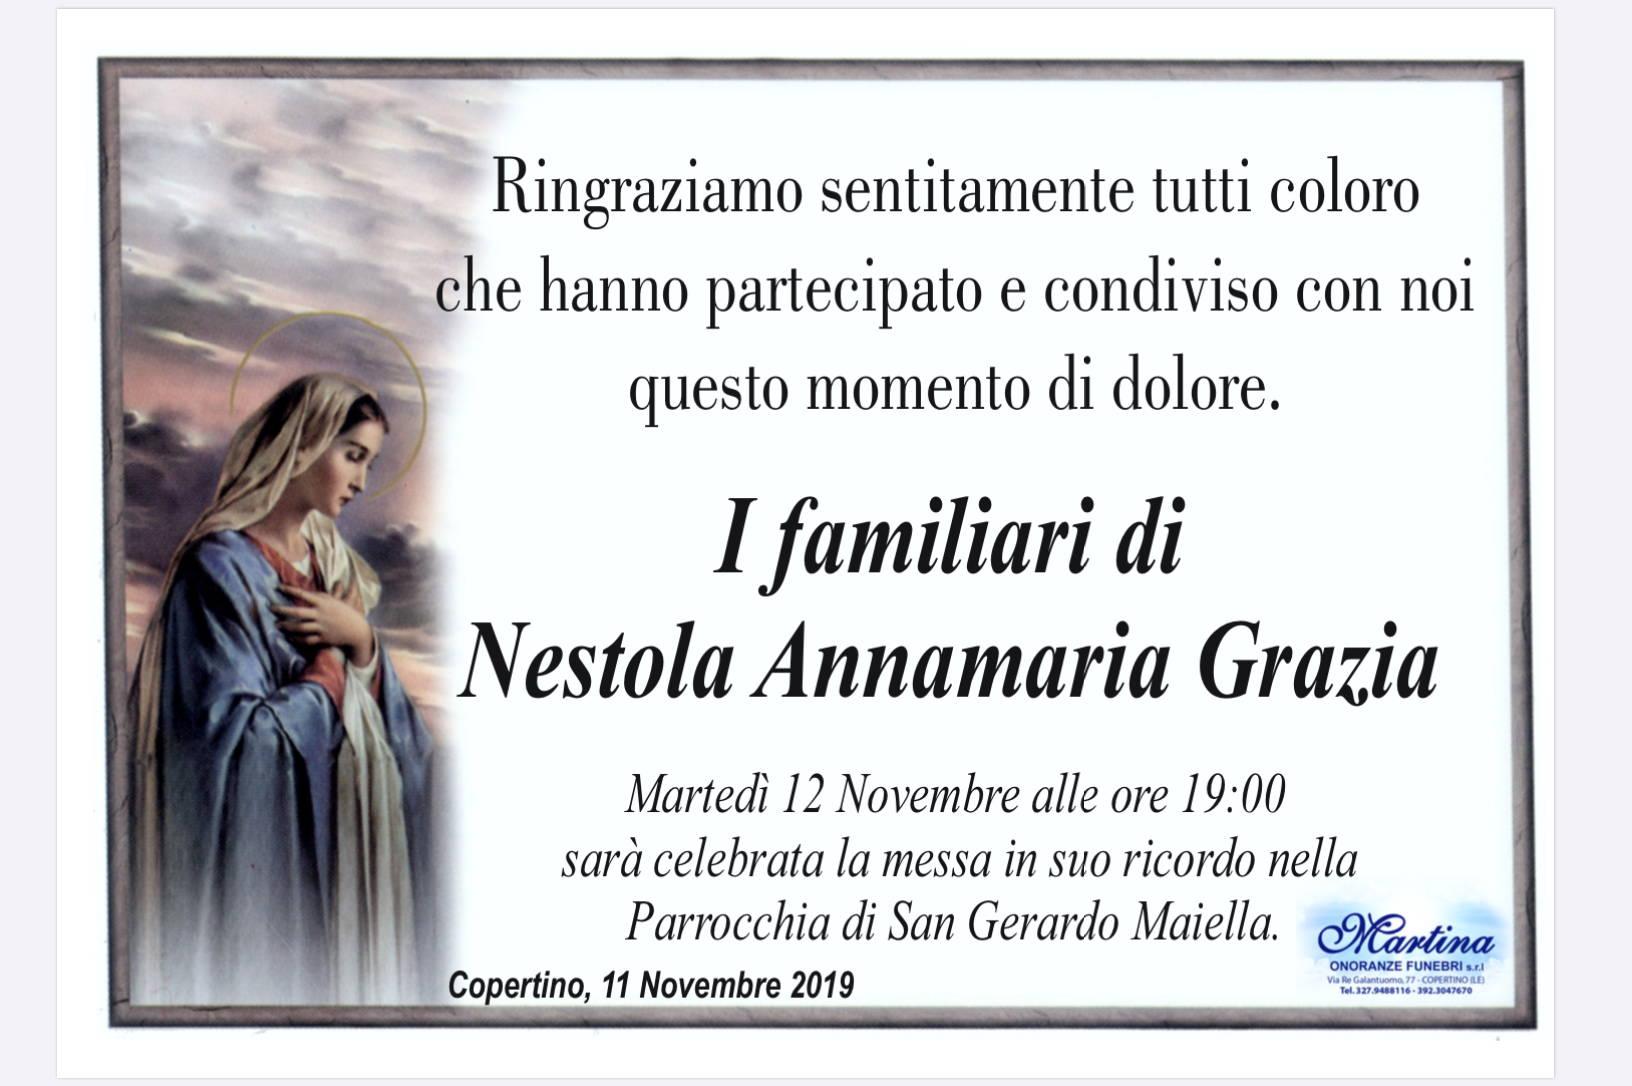 I familiari di Nestola Annamaria Grazia